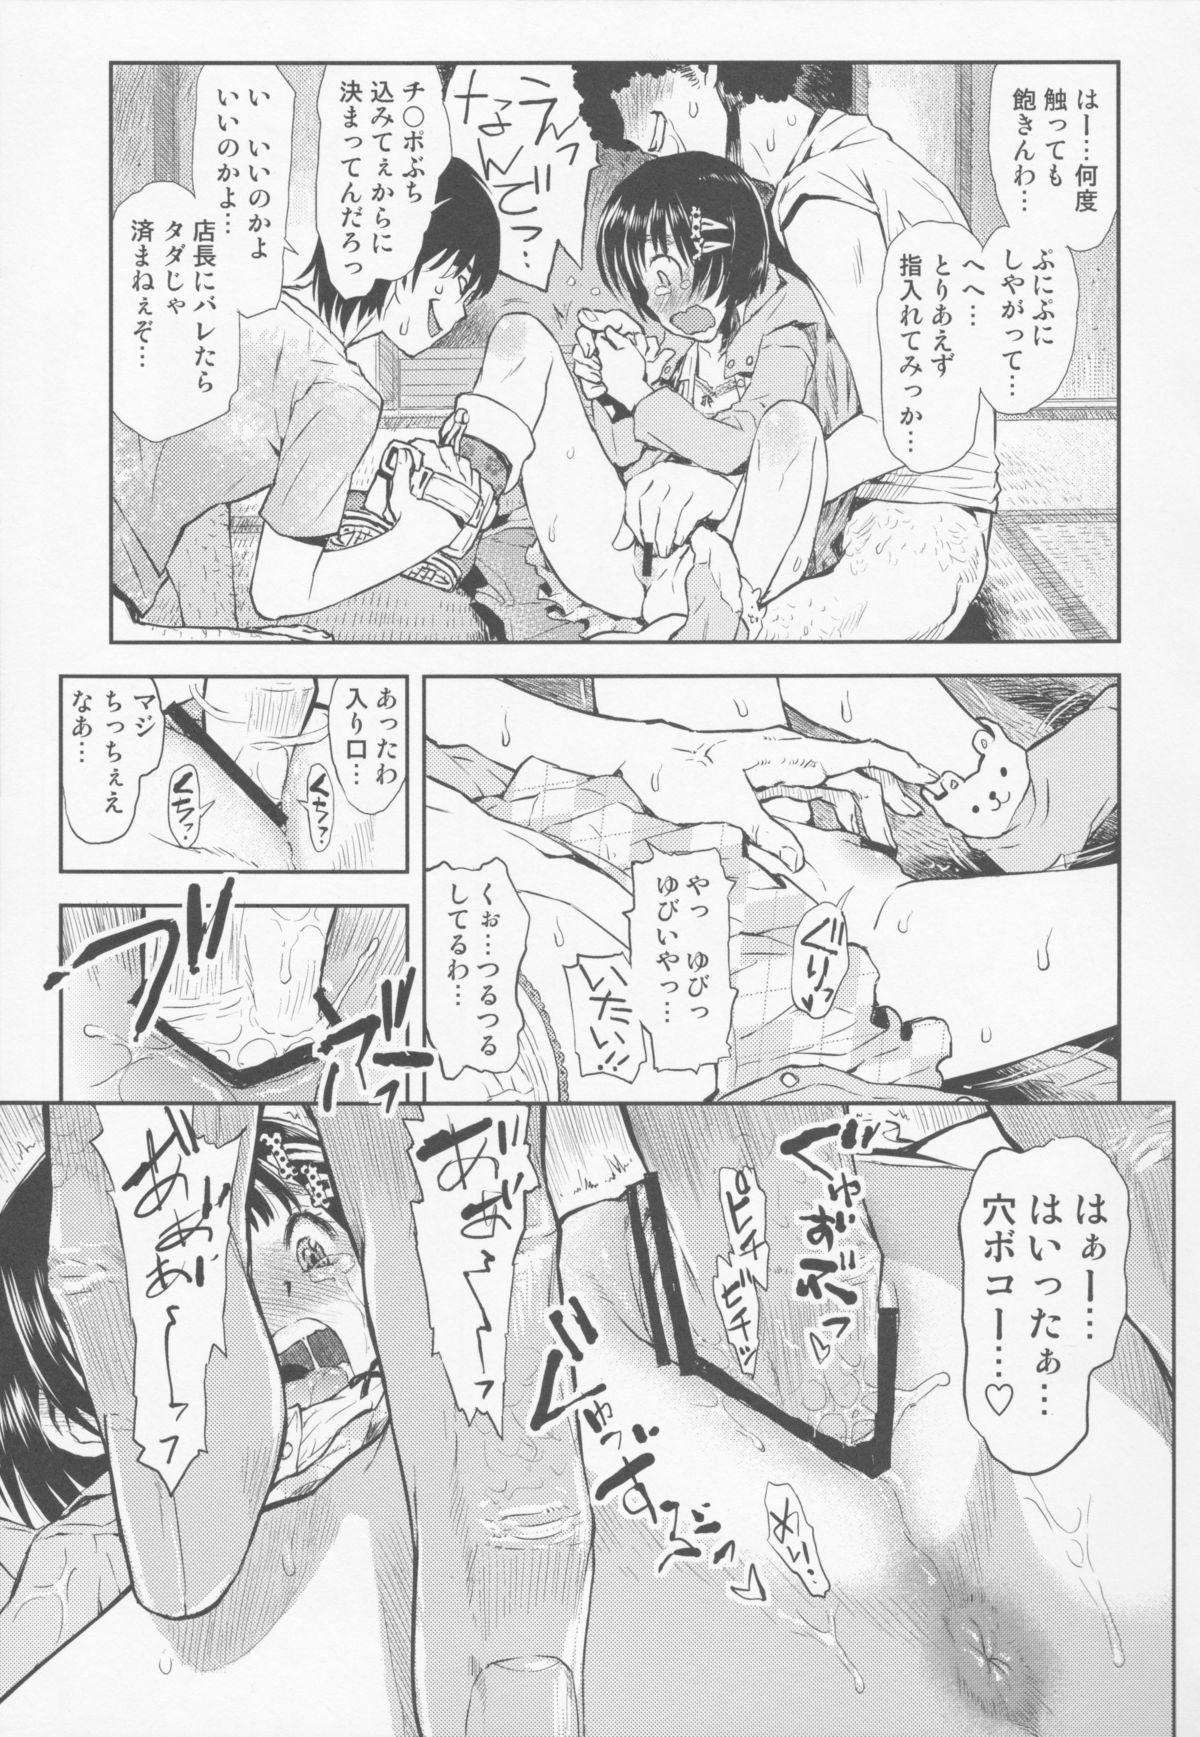 Tenchou no Musume 14